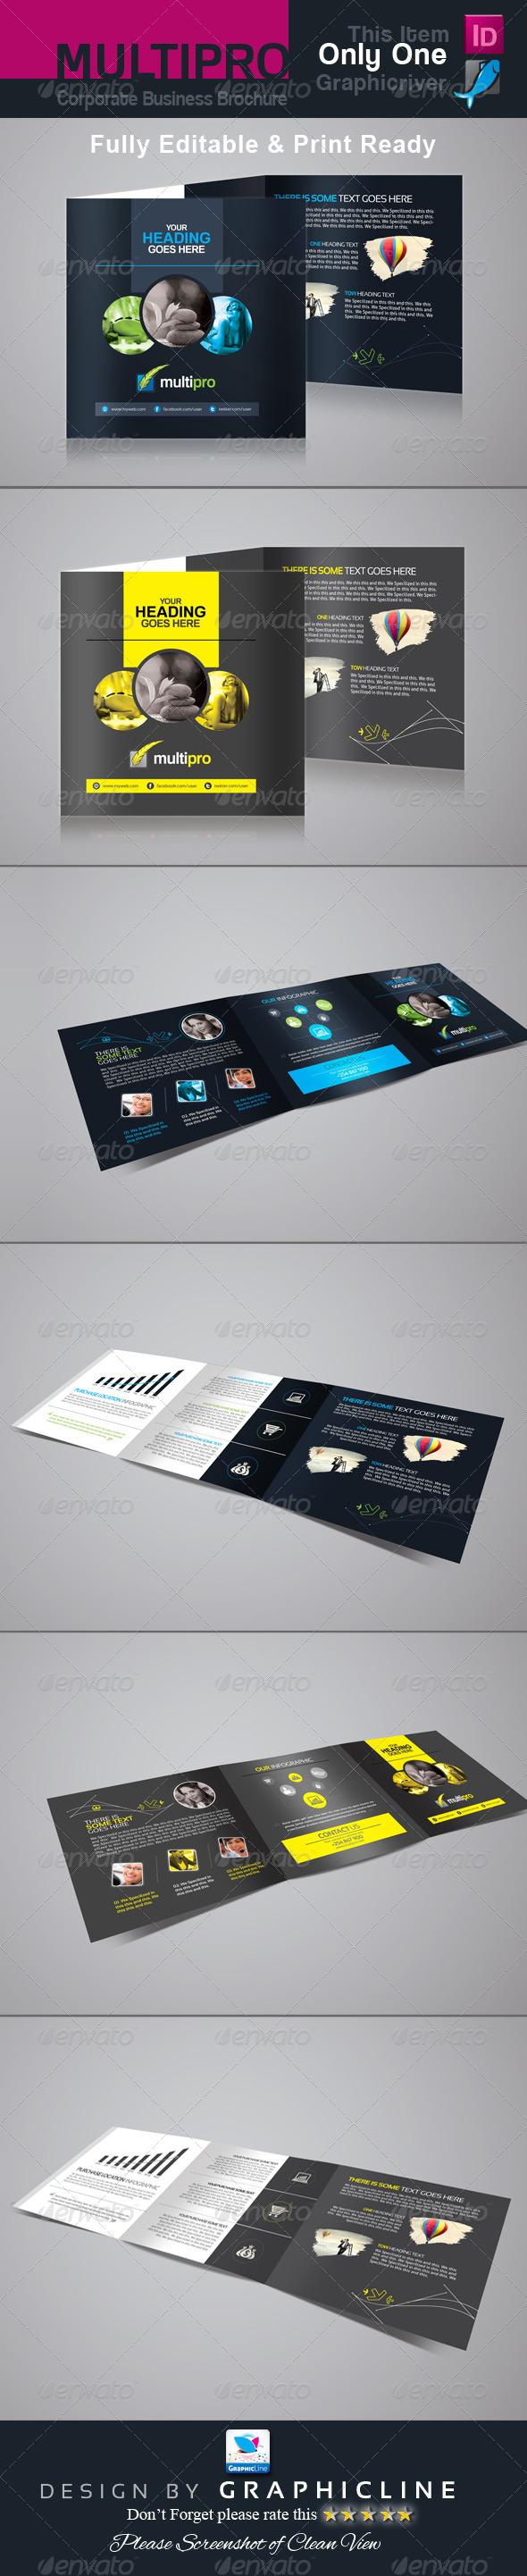 GraphicRiver Multi Pro Corporate Tri-Fold Business Brochure 7062430